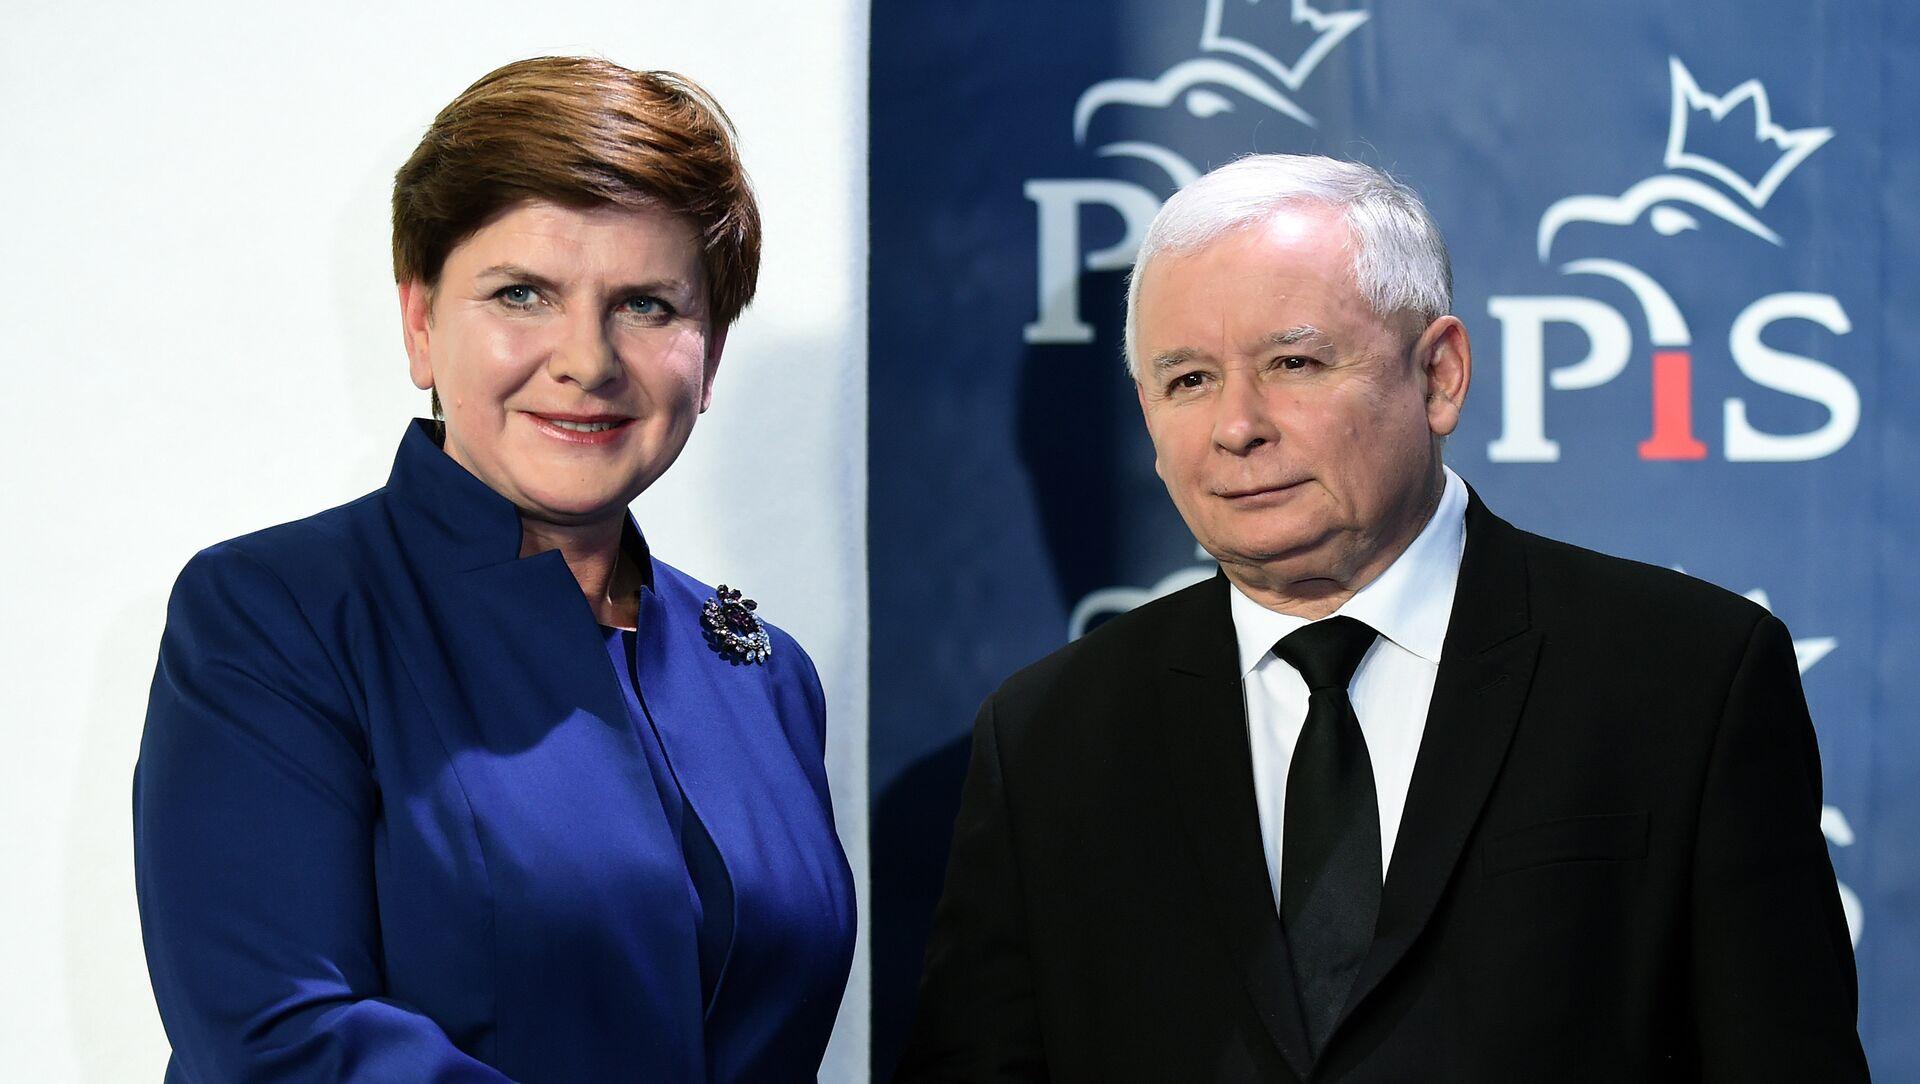 Prezes PiS Jarosław Kaczyński i premier Polski Beata Szydło - Sputnik Polska, 1920, 20.05.2021